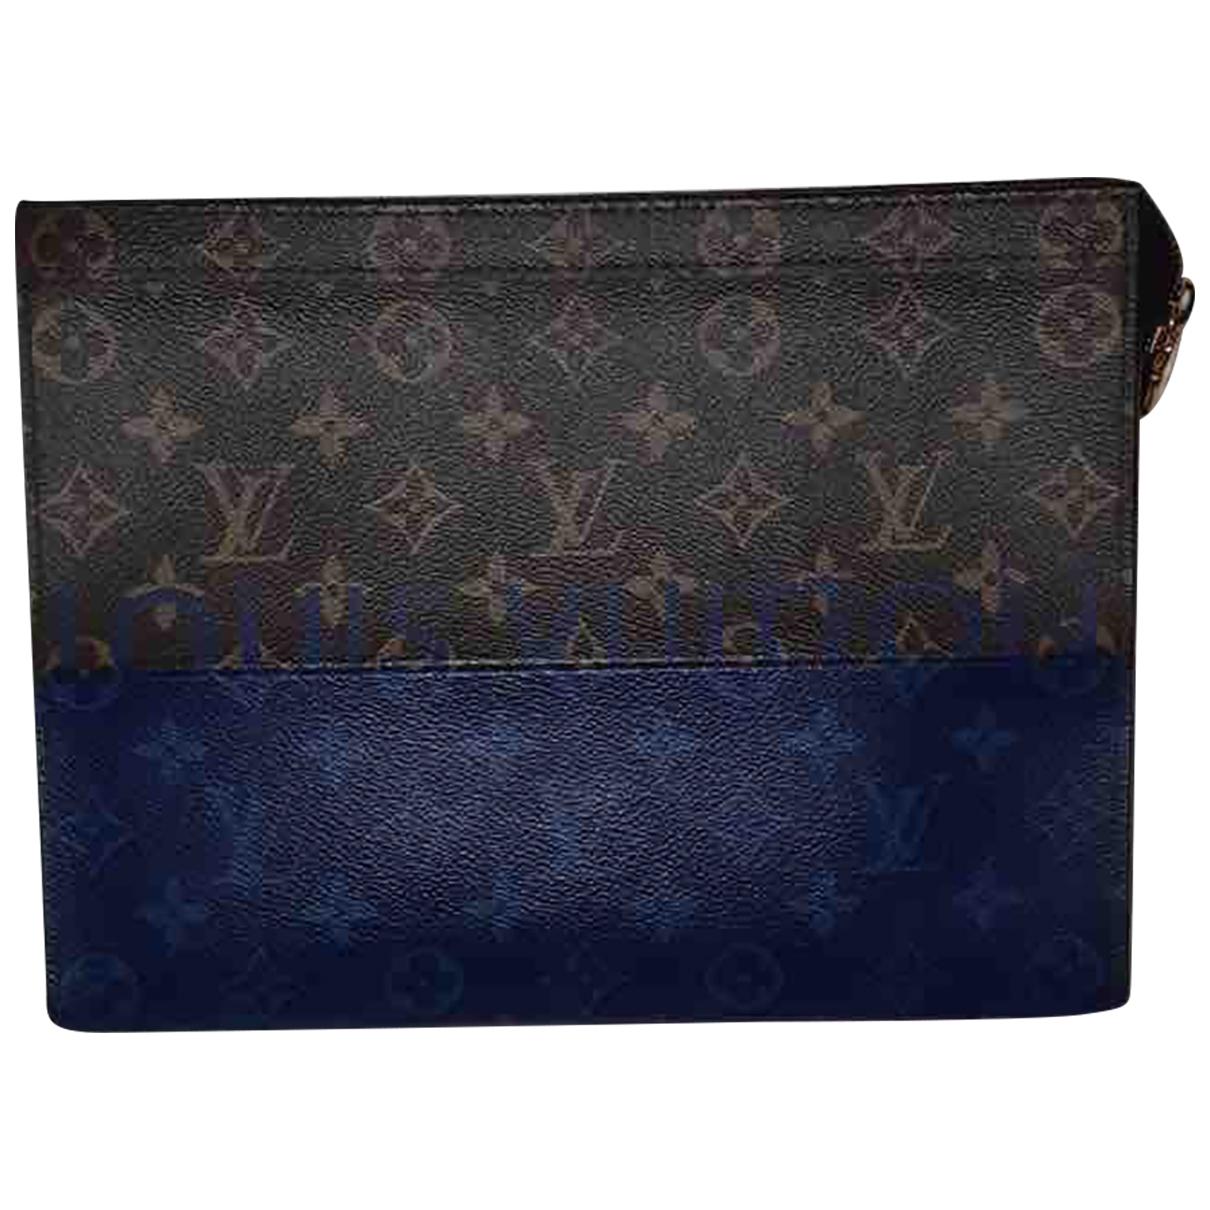 Louis Vuitton \N Kleinlederwaren in  Blau Leinen